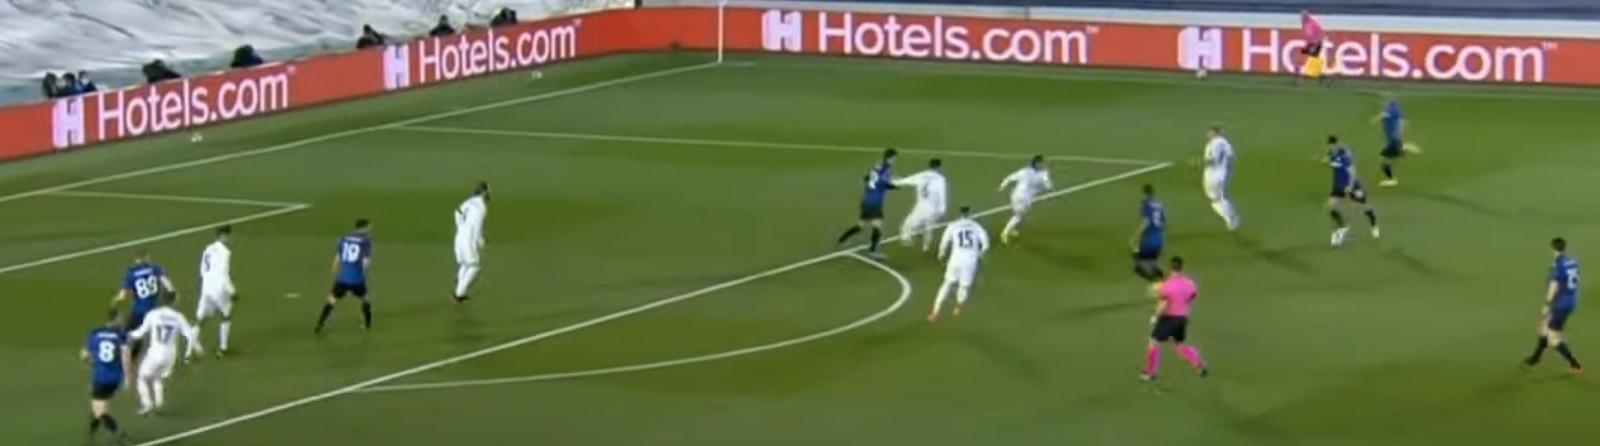 Зидан снова выиграл важный матч. Разбираем игру «Реала» и «Аталанты»